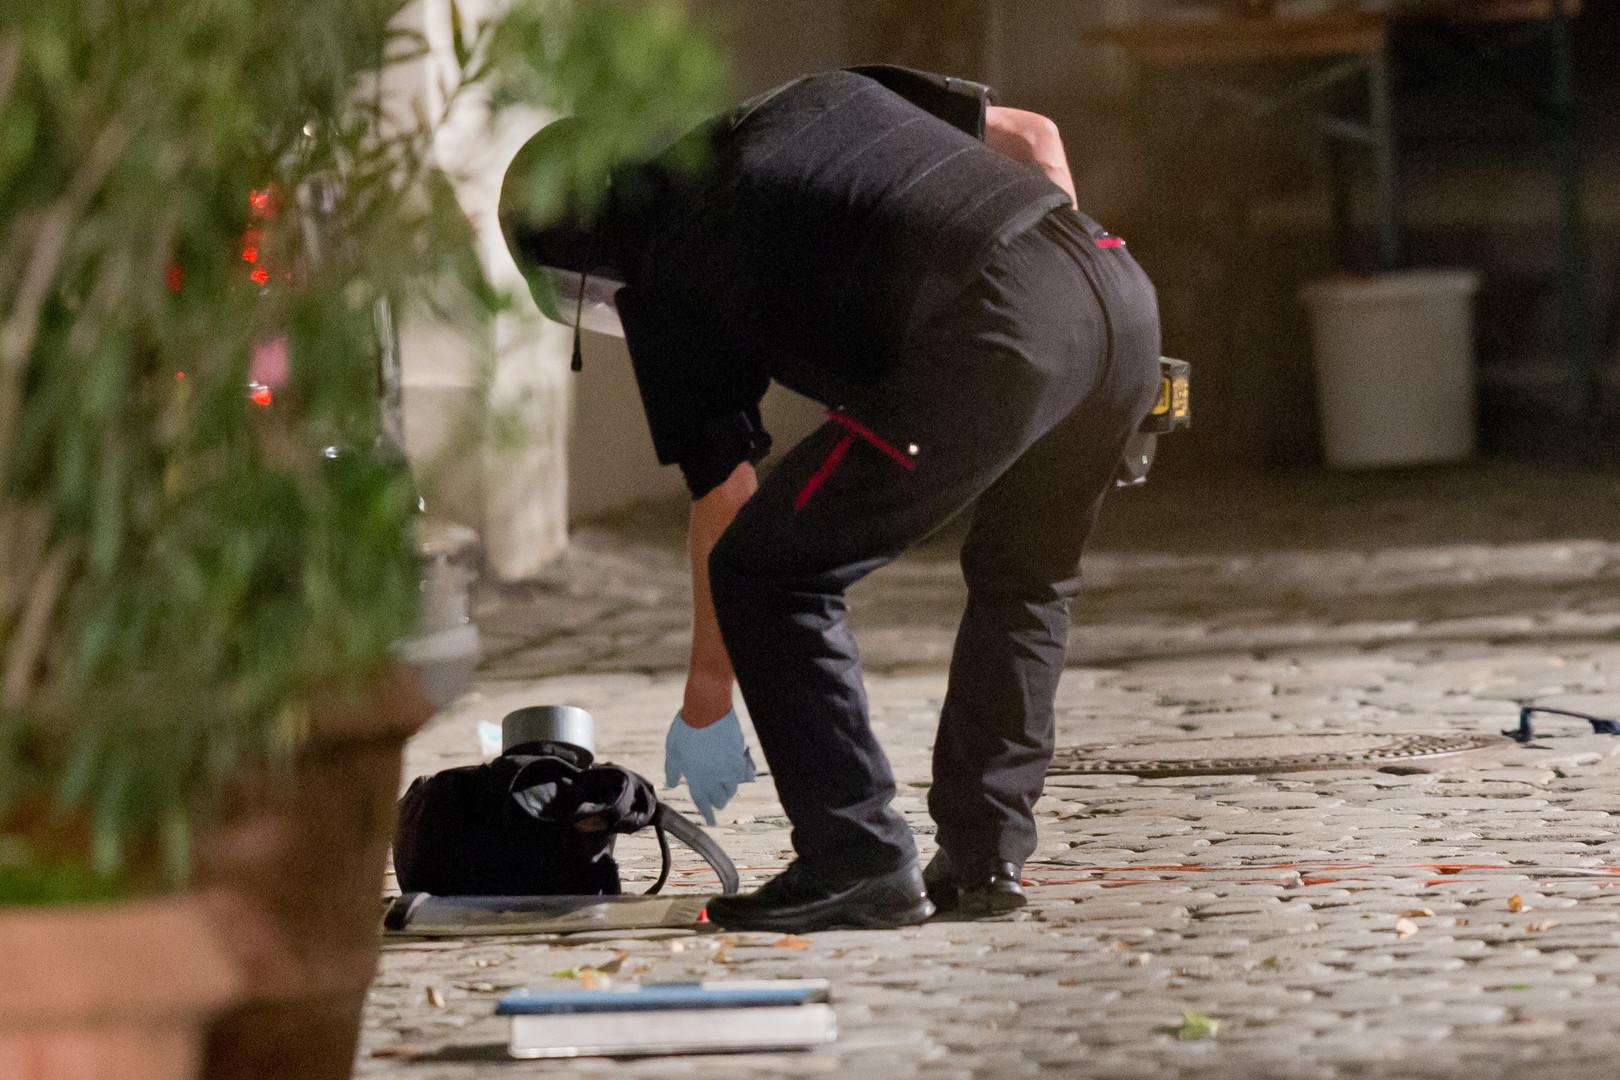 Сотрудник правоохранительных органов осматривает рюкзак погибшего террориста, который устроил взрыв в баварском Ансбахе в ночь на 25 июля.